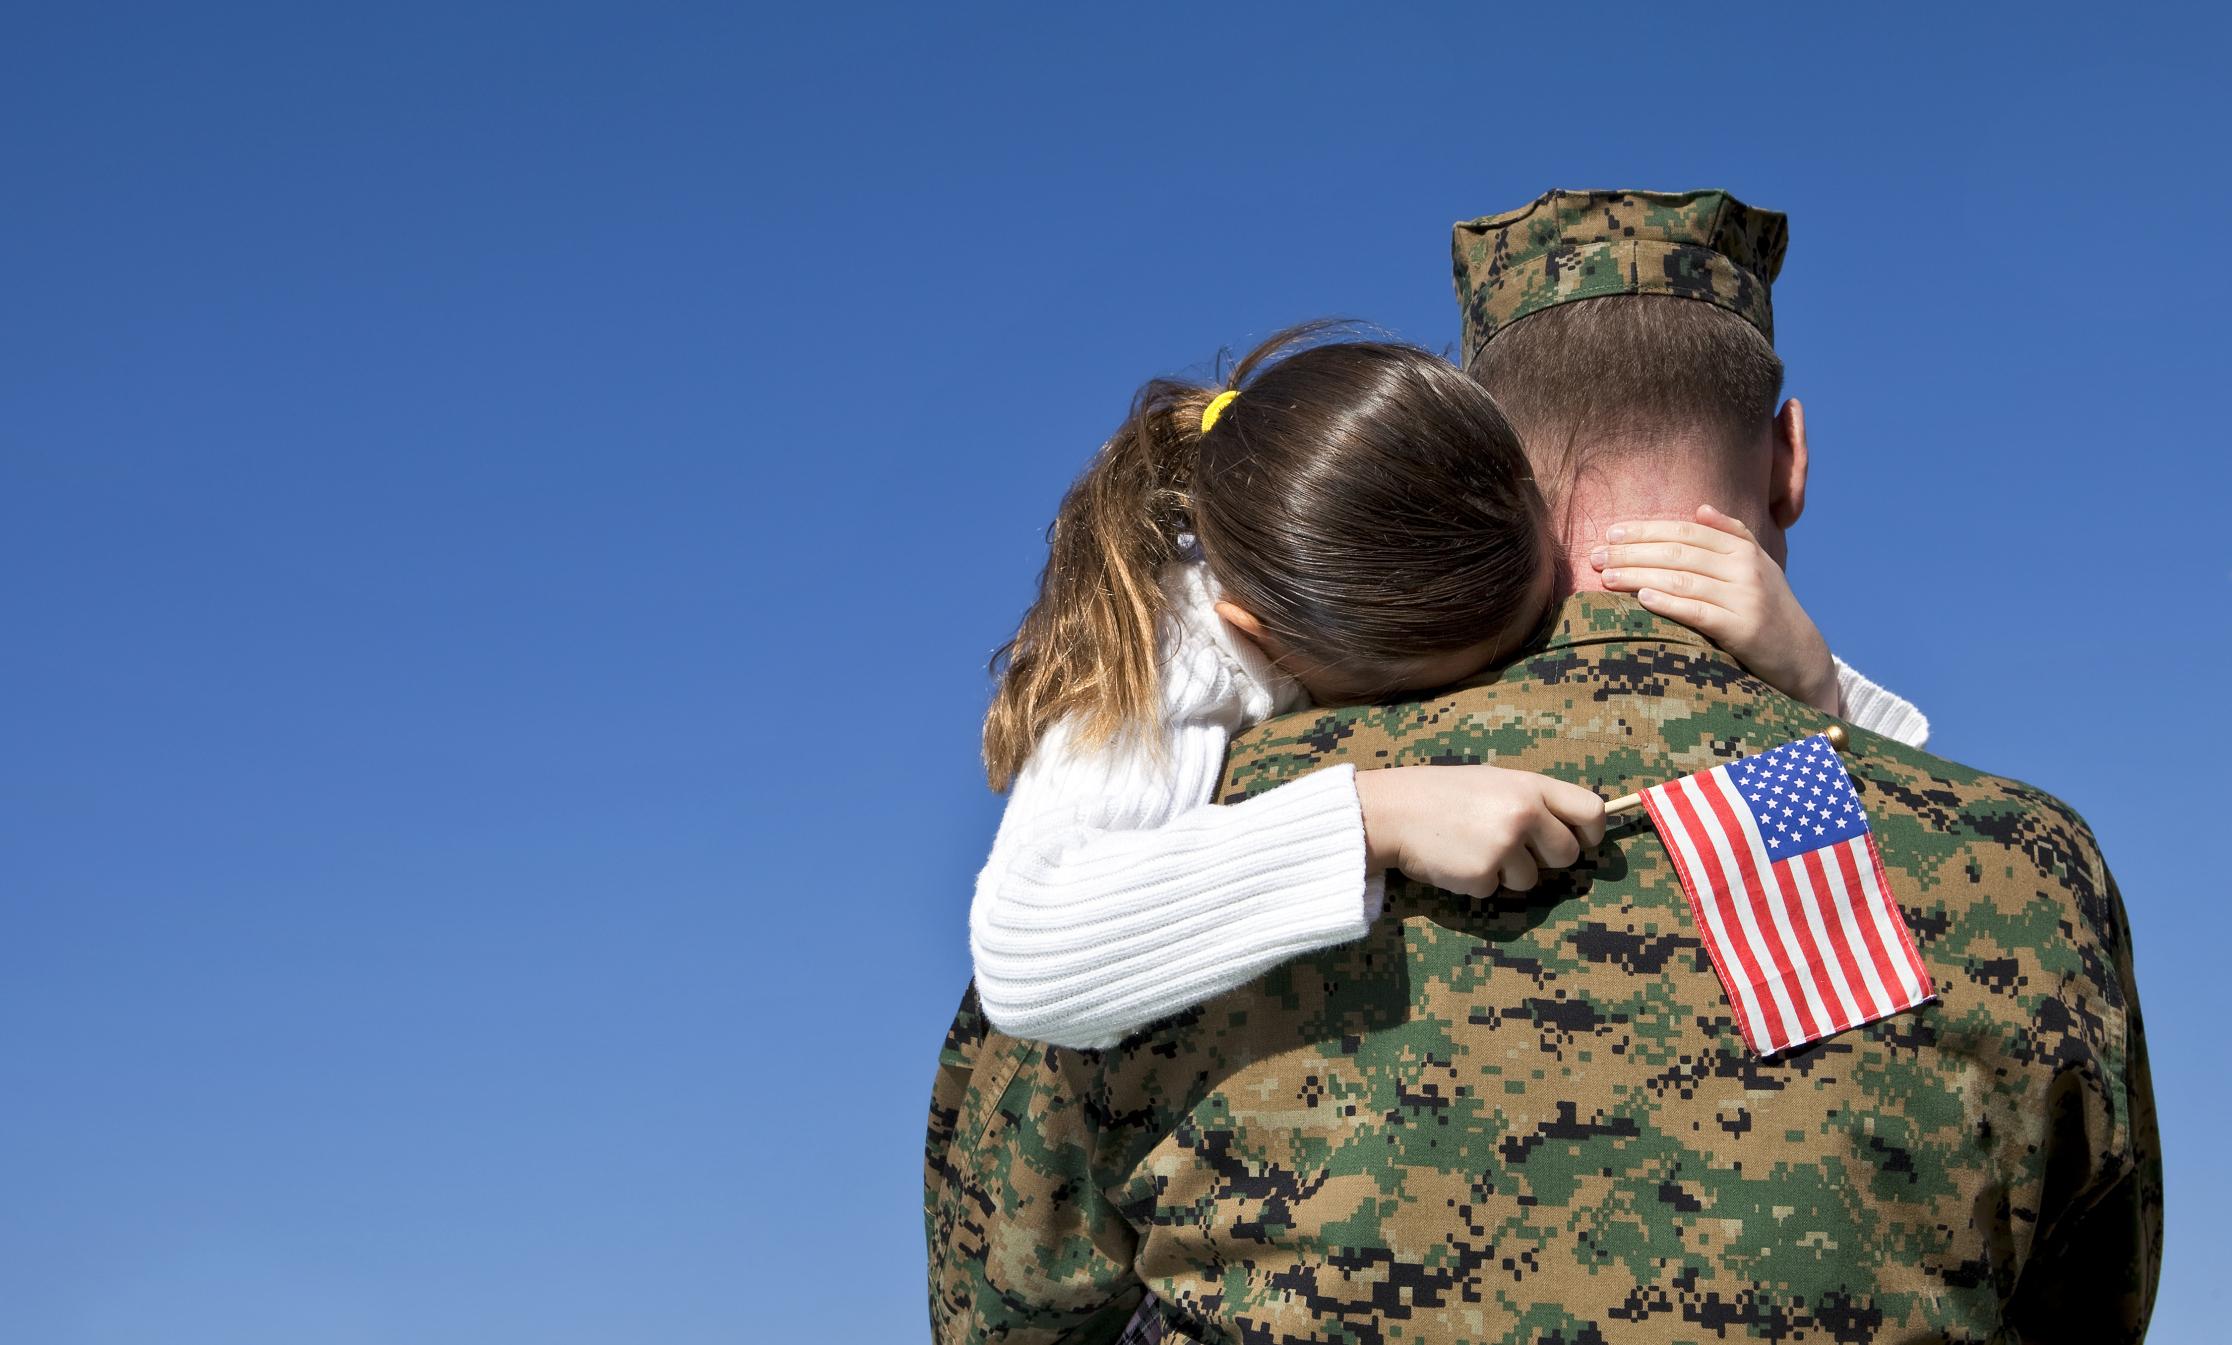 militarydad and daughter reunited